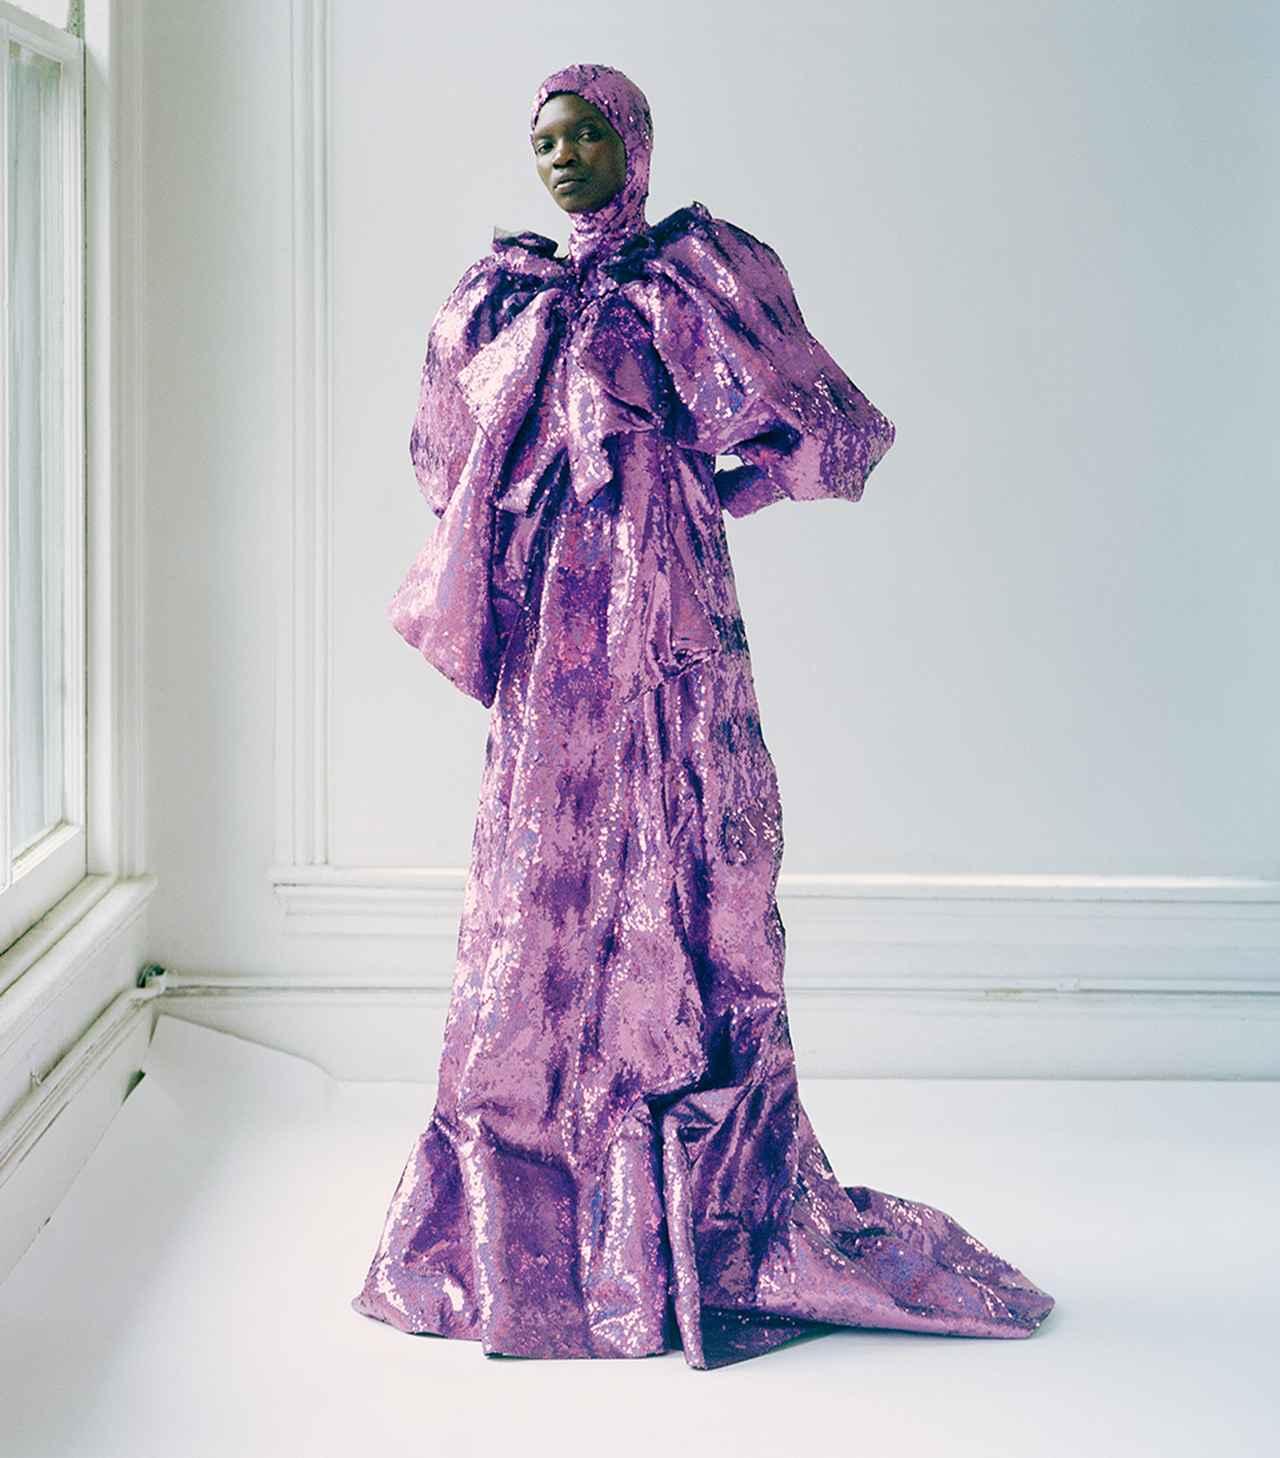 """画像: かつての輝かしい王朝時代や皇后を彷彿させるドレス。 グッチのアレッサンドロ・ミケーレは、 滅亡した貴族の伝説を""""ポストナショナル""""的に描いた ドレス(参考商品) グッチ ジャパン カスタマーサービス(グッチ) フリーダイヤル: 0120(88)1921"""